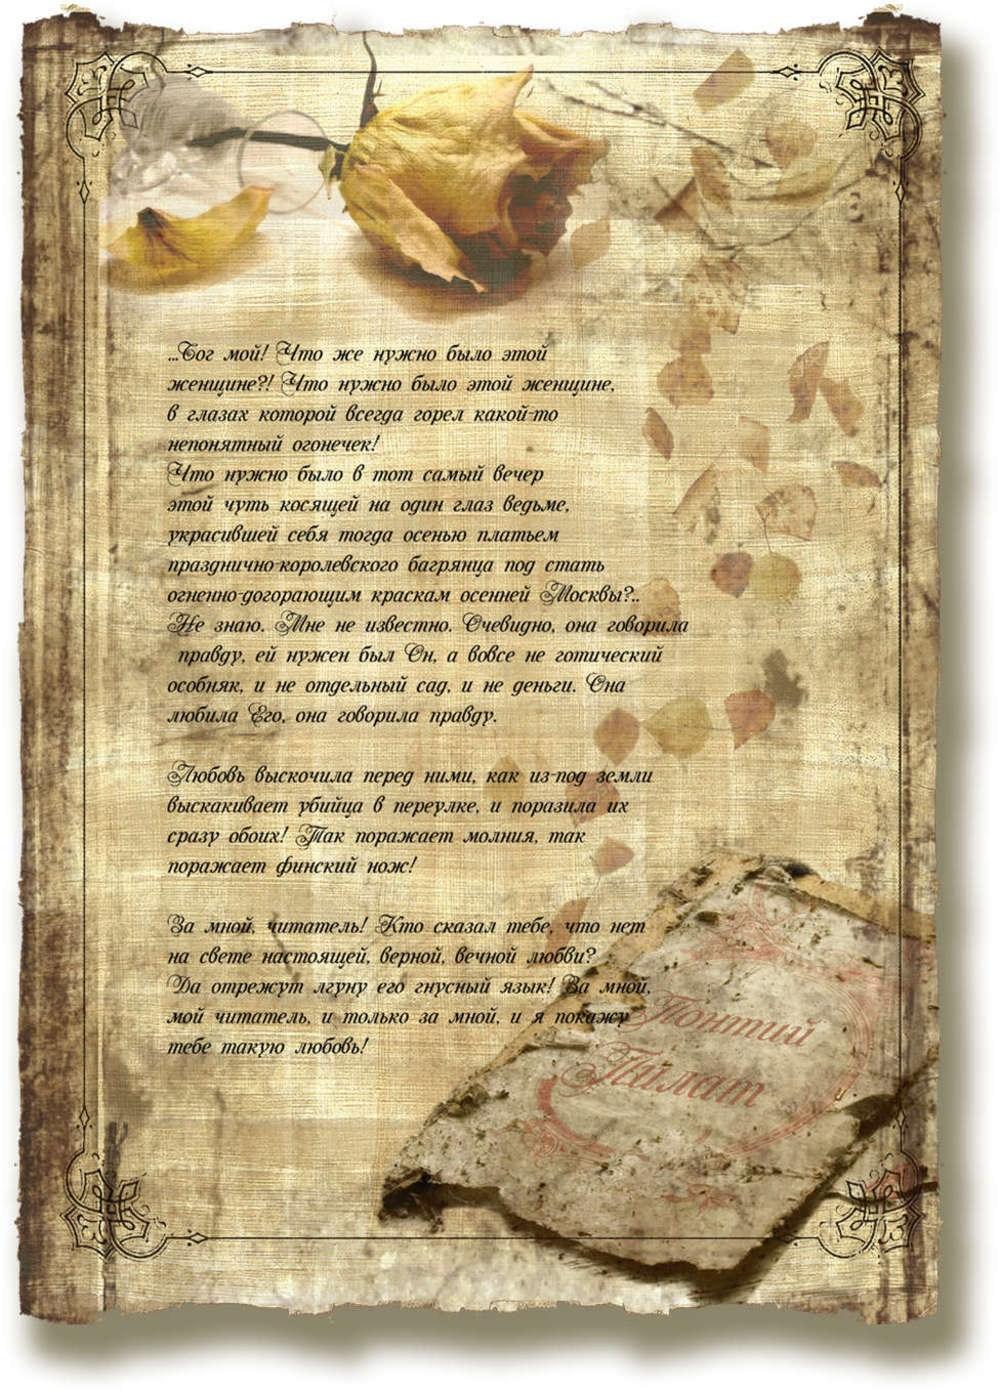 Поздравление на свитке папируса Для женщин Понтий Пилат